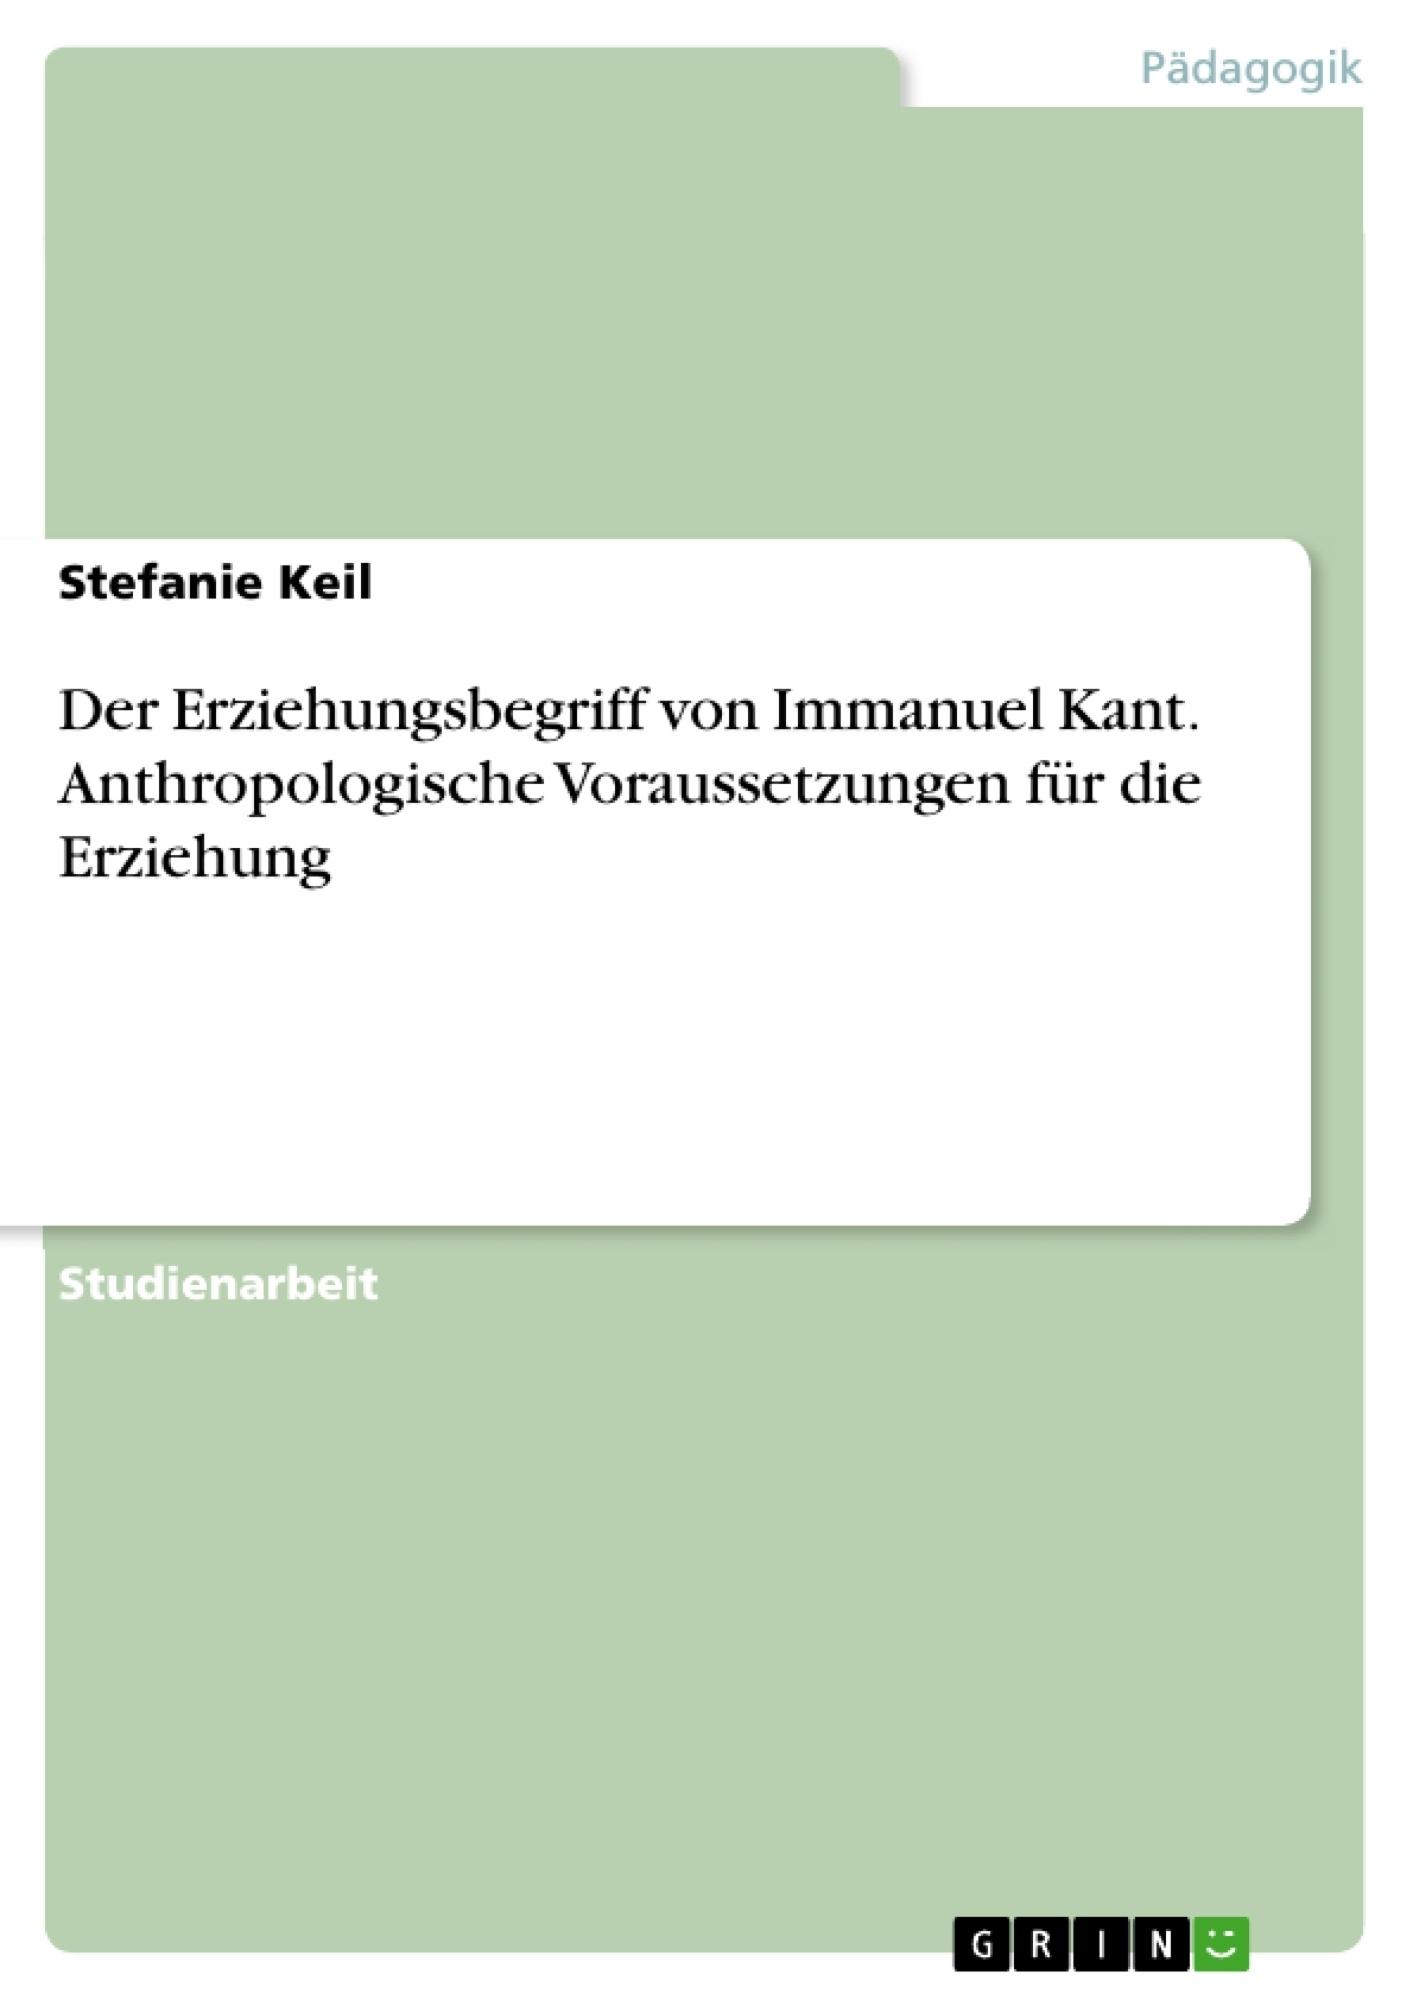 Titel: Der Erziehungsbegriff von Immanuel Kant. Anthropologische Voraussetzungen für die Erziehung